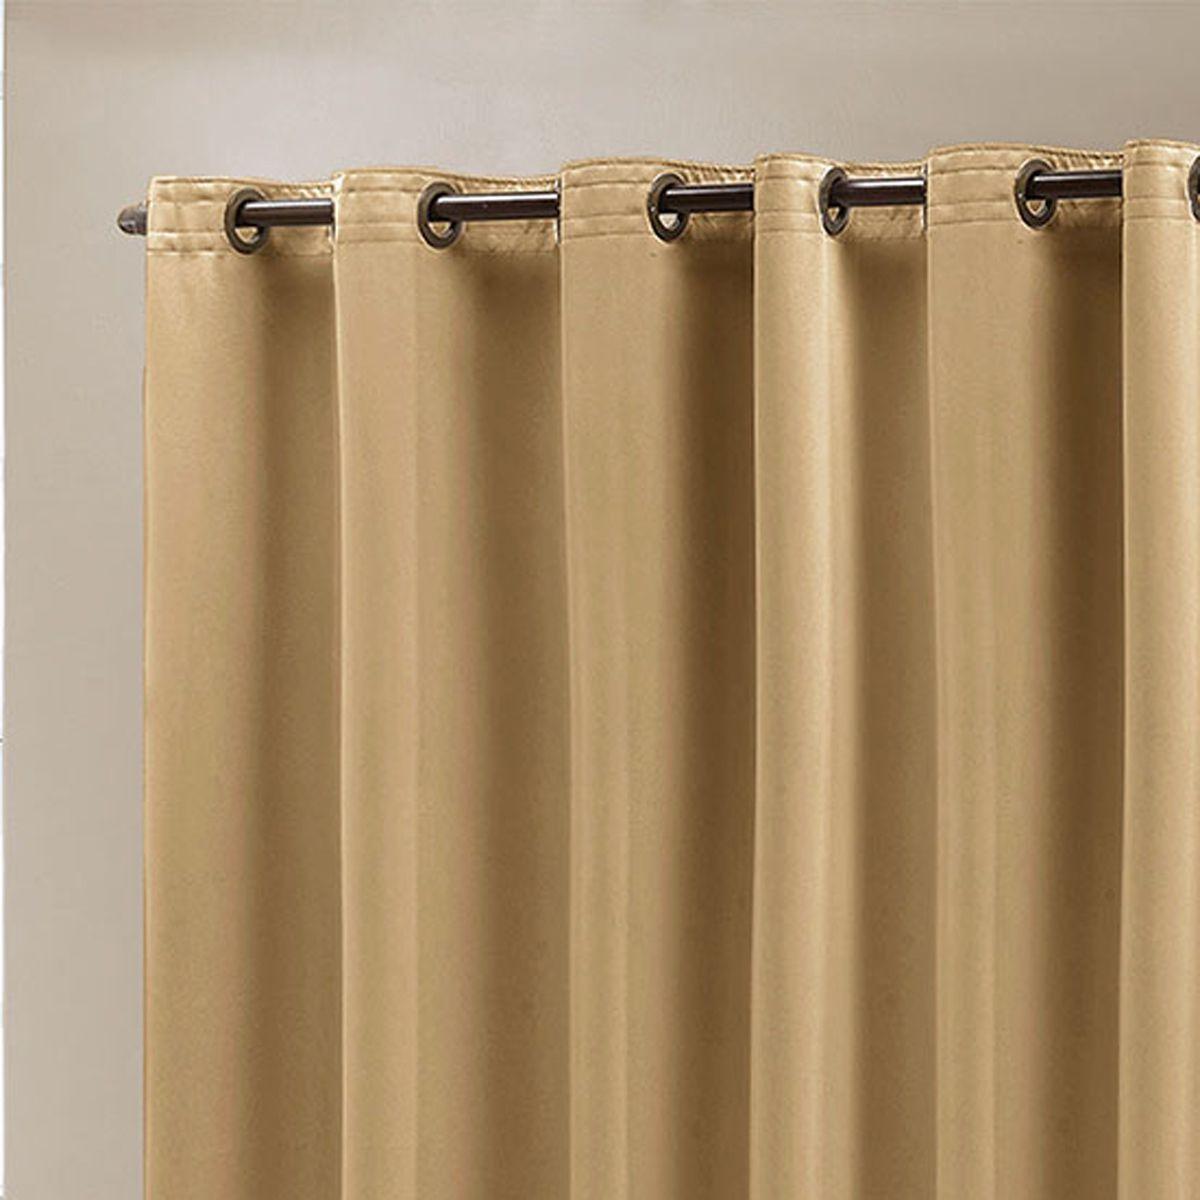 Cortina Blackout em Tecido Class Dourado Corta Luz 4,00m x 2,70m